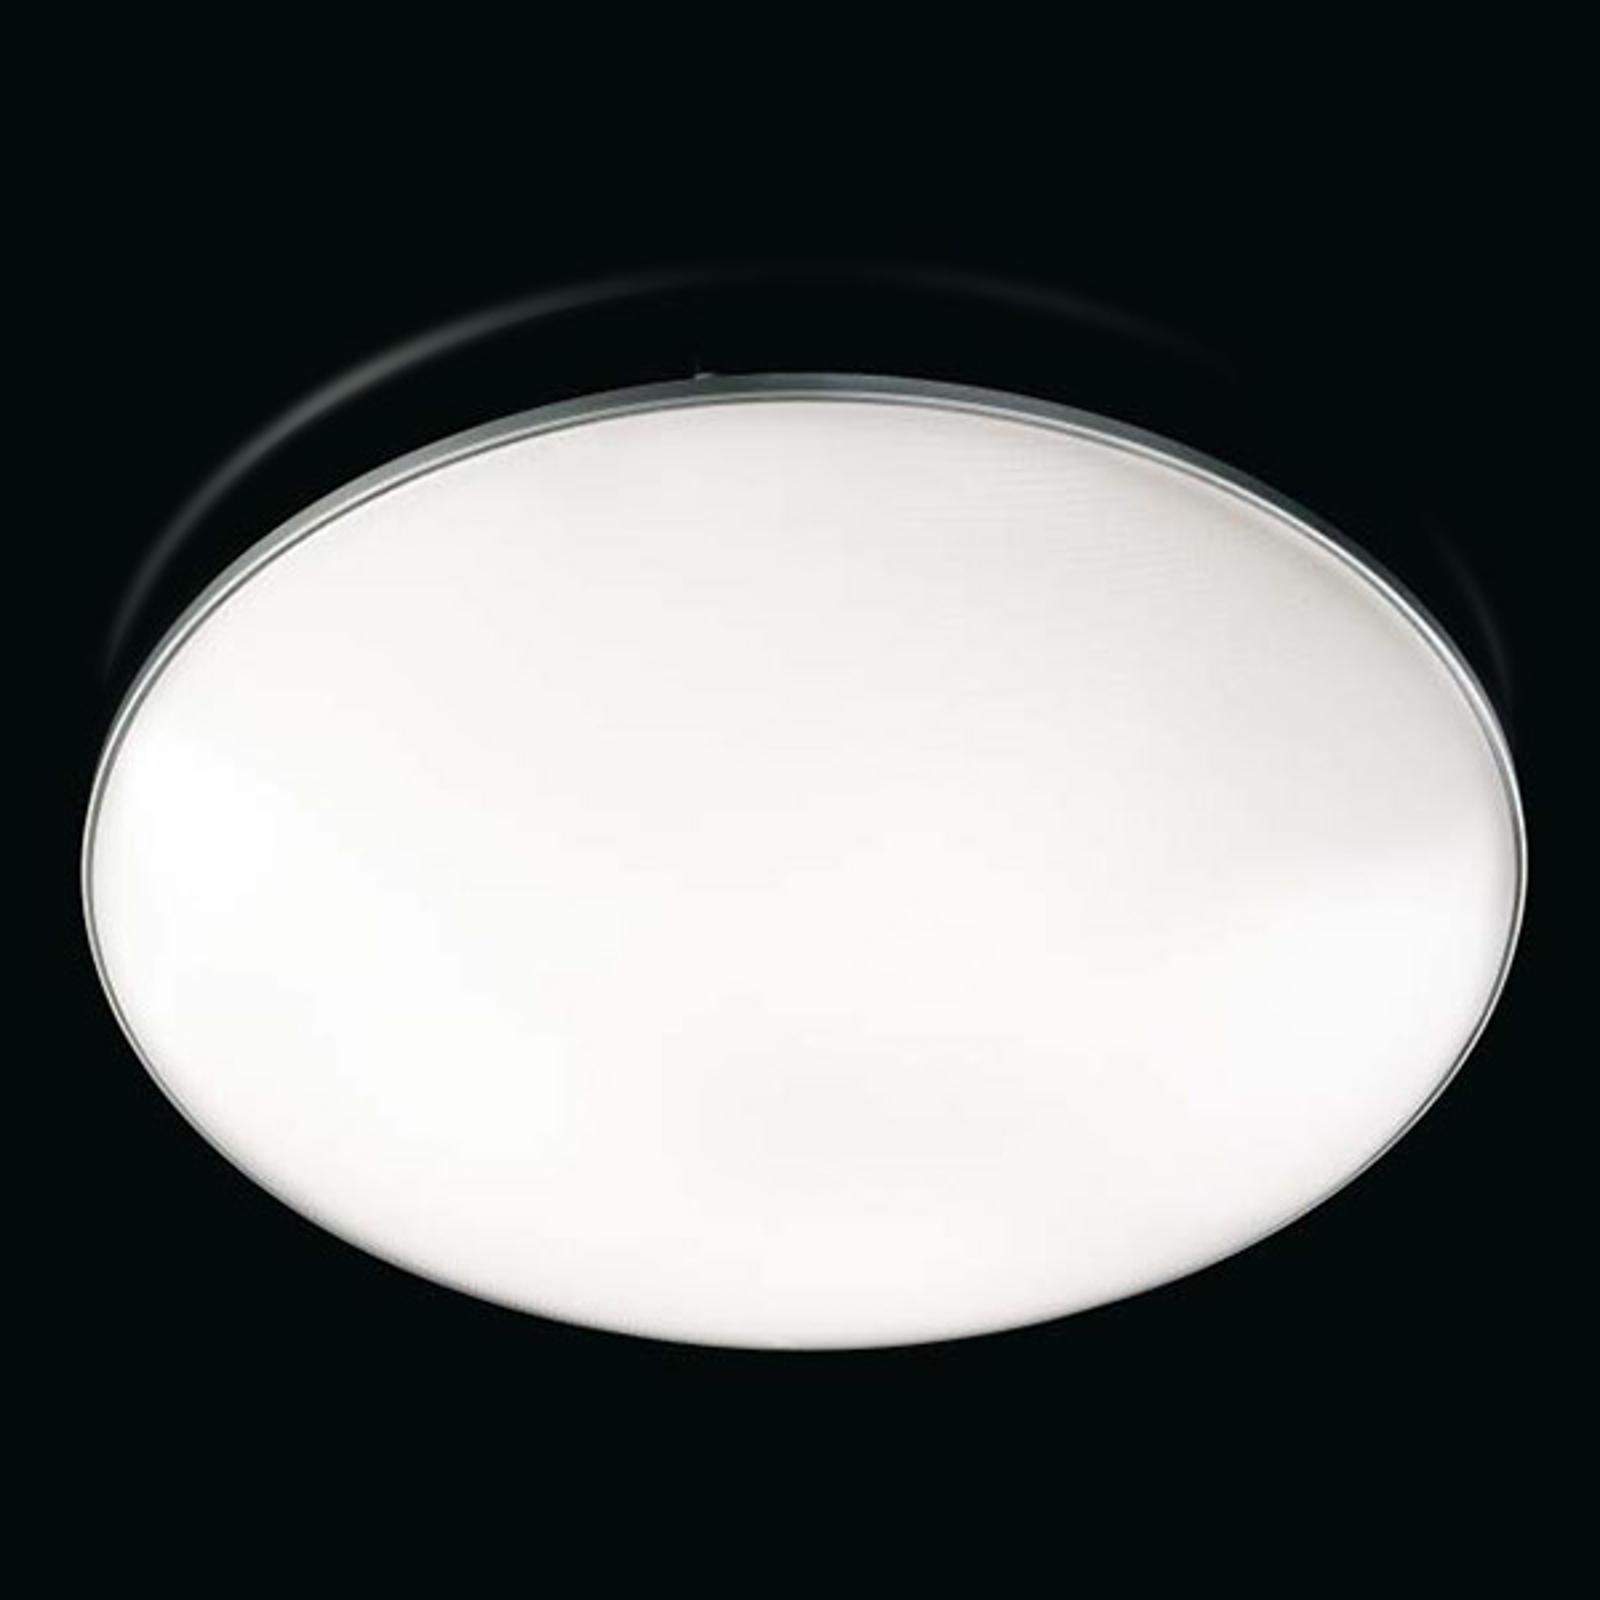 Luceplan Trama - schlichte Designer-Deckenlampe